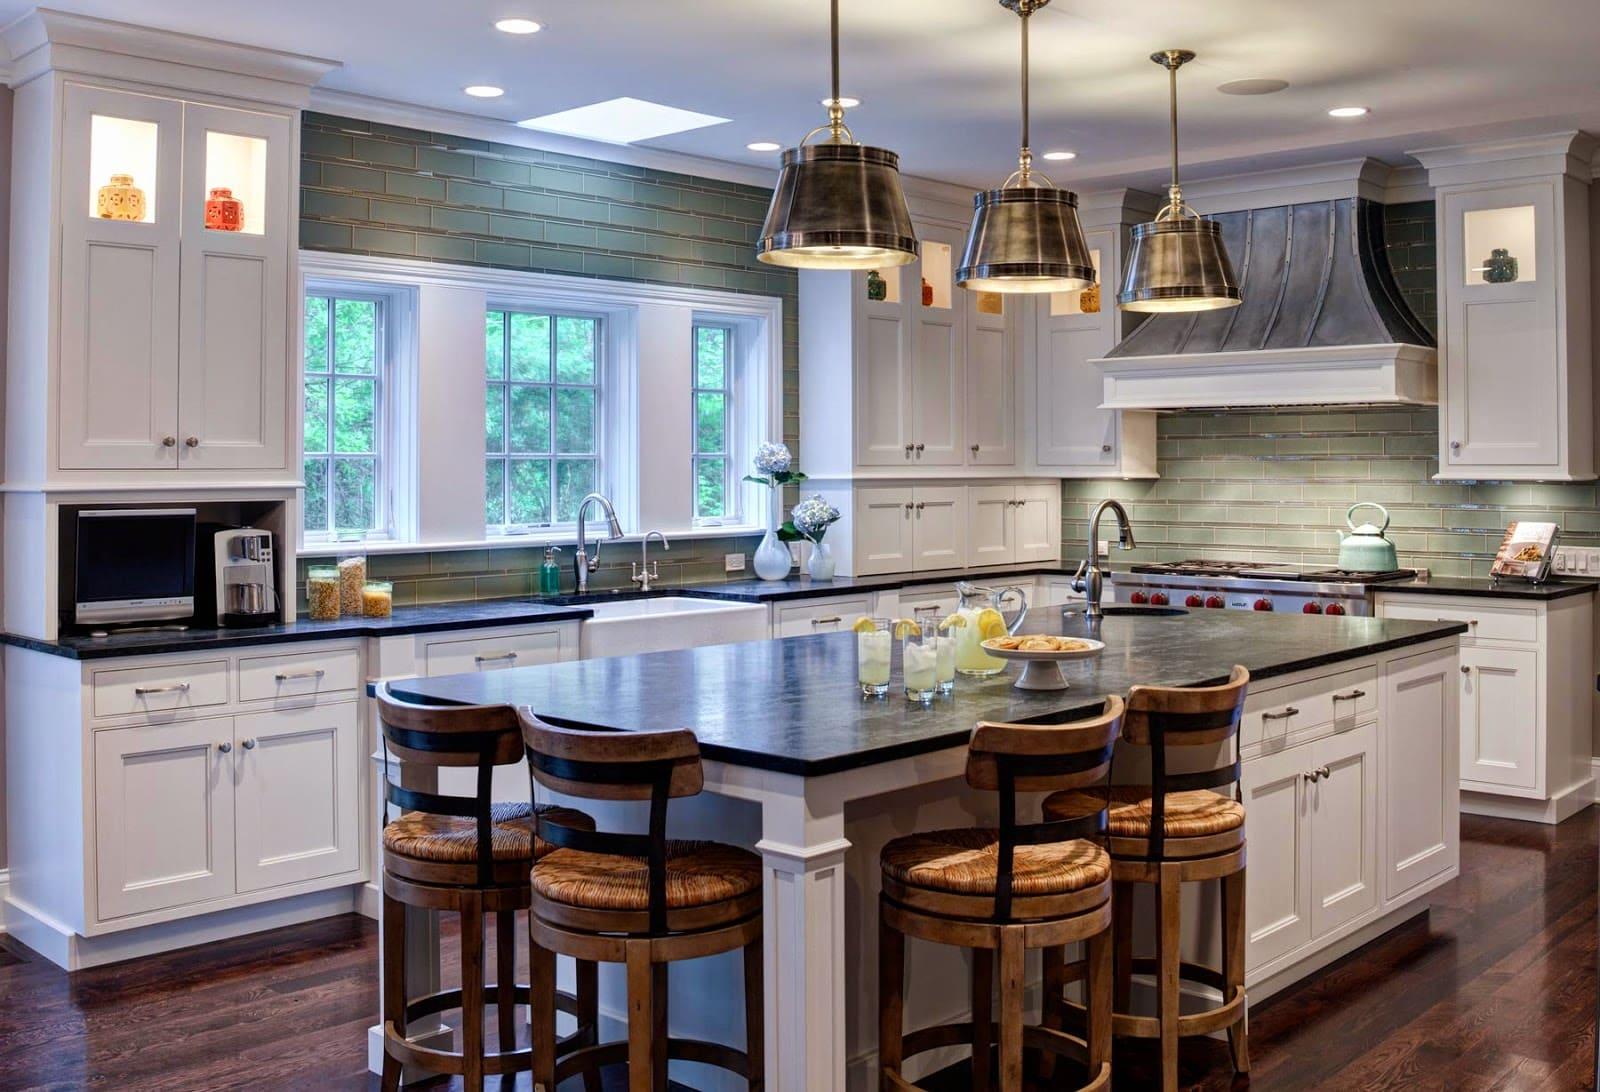 Стили кухни в интерьере: американский стиль в спокойных тонах